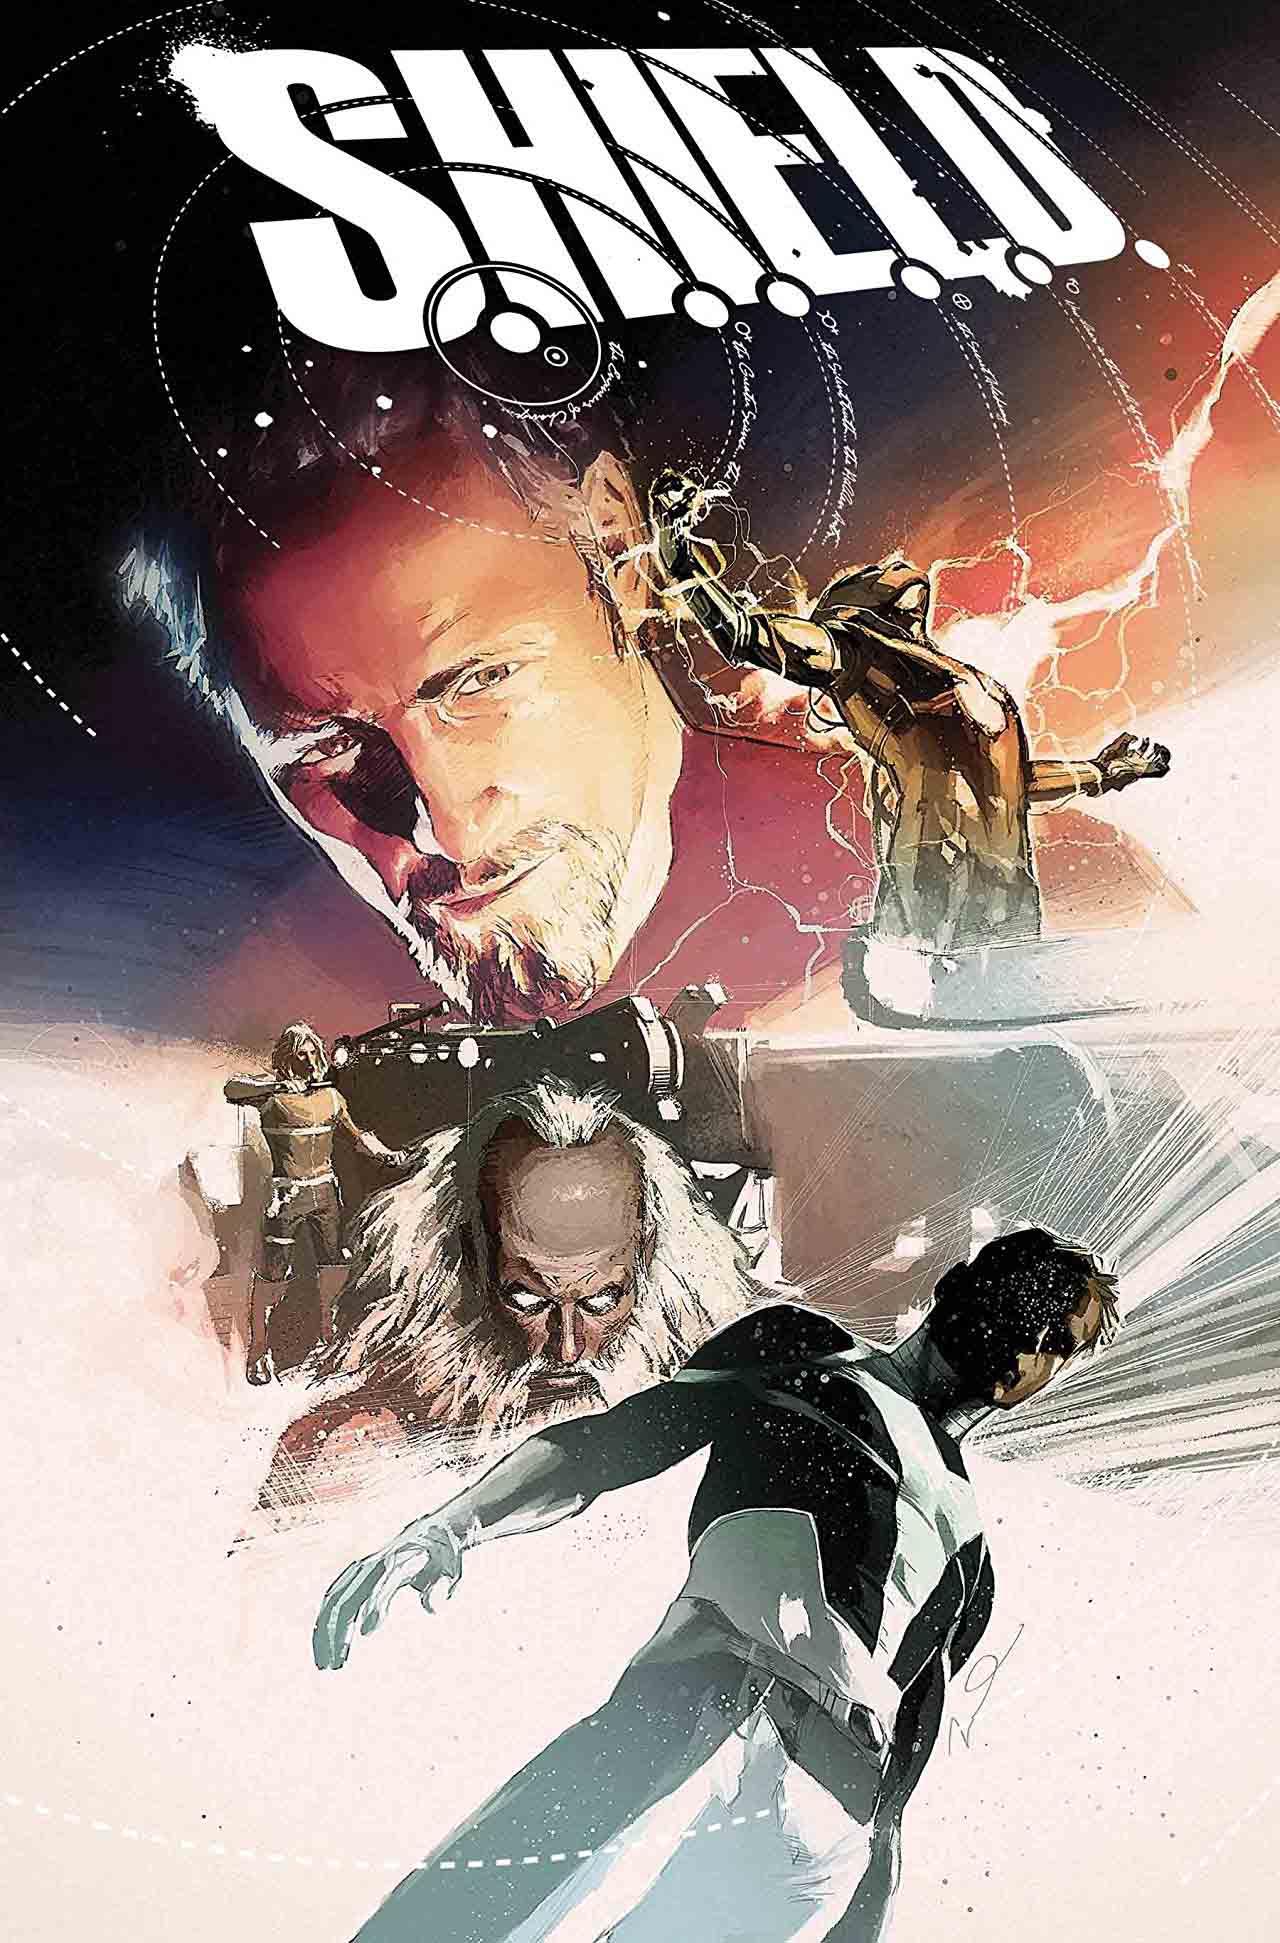 S.H.I.E.L.D By Hickman And Weaver: Rebirth